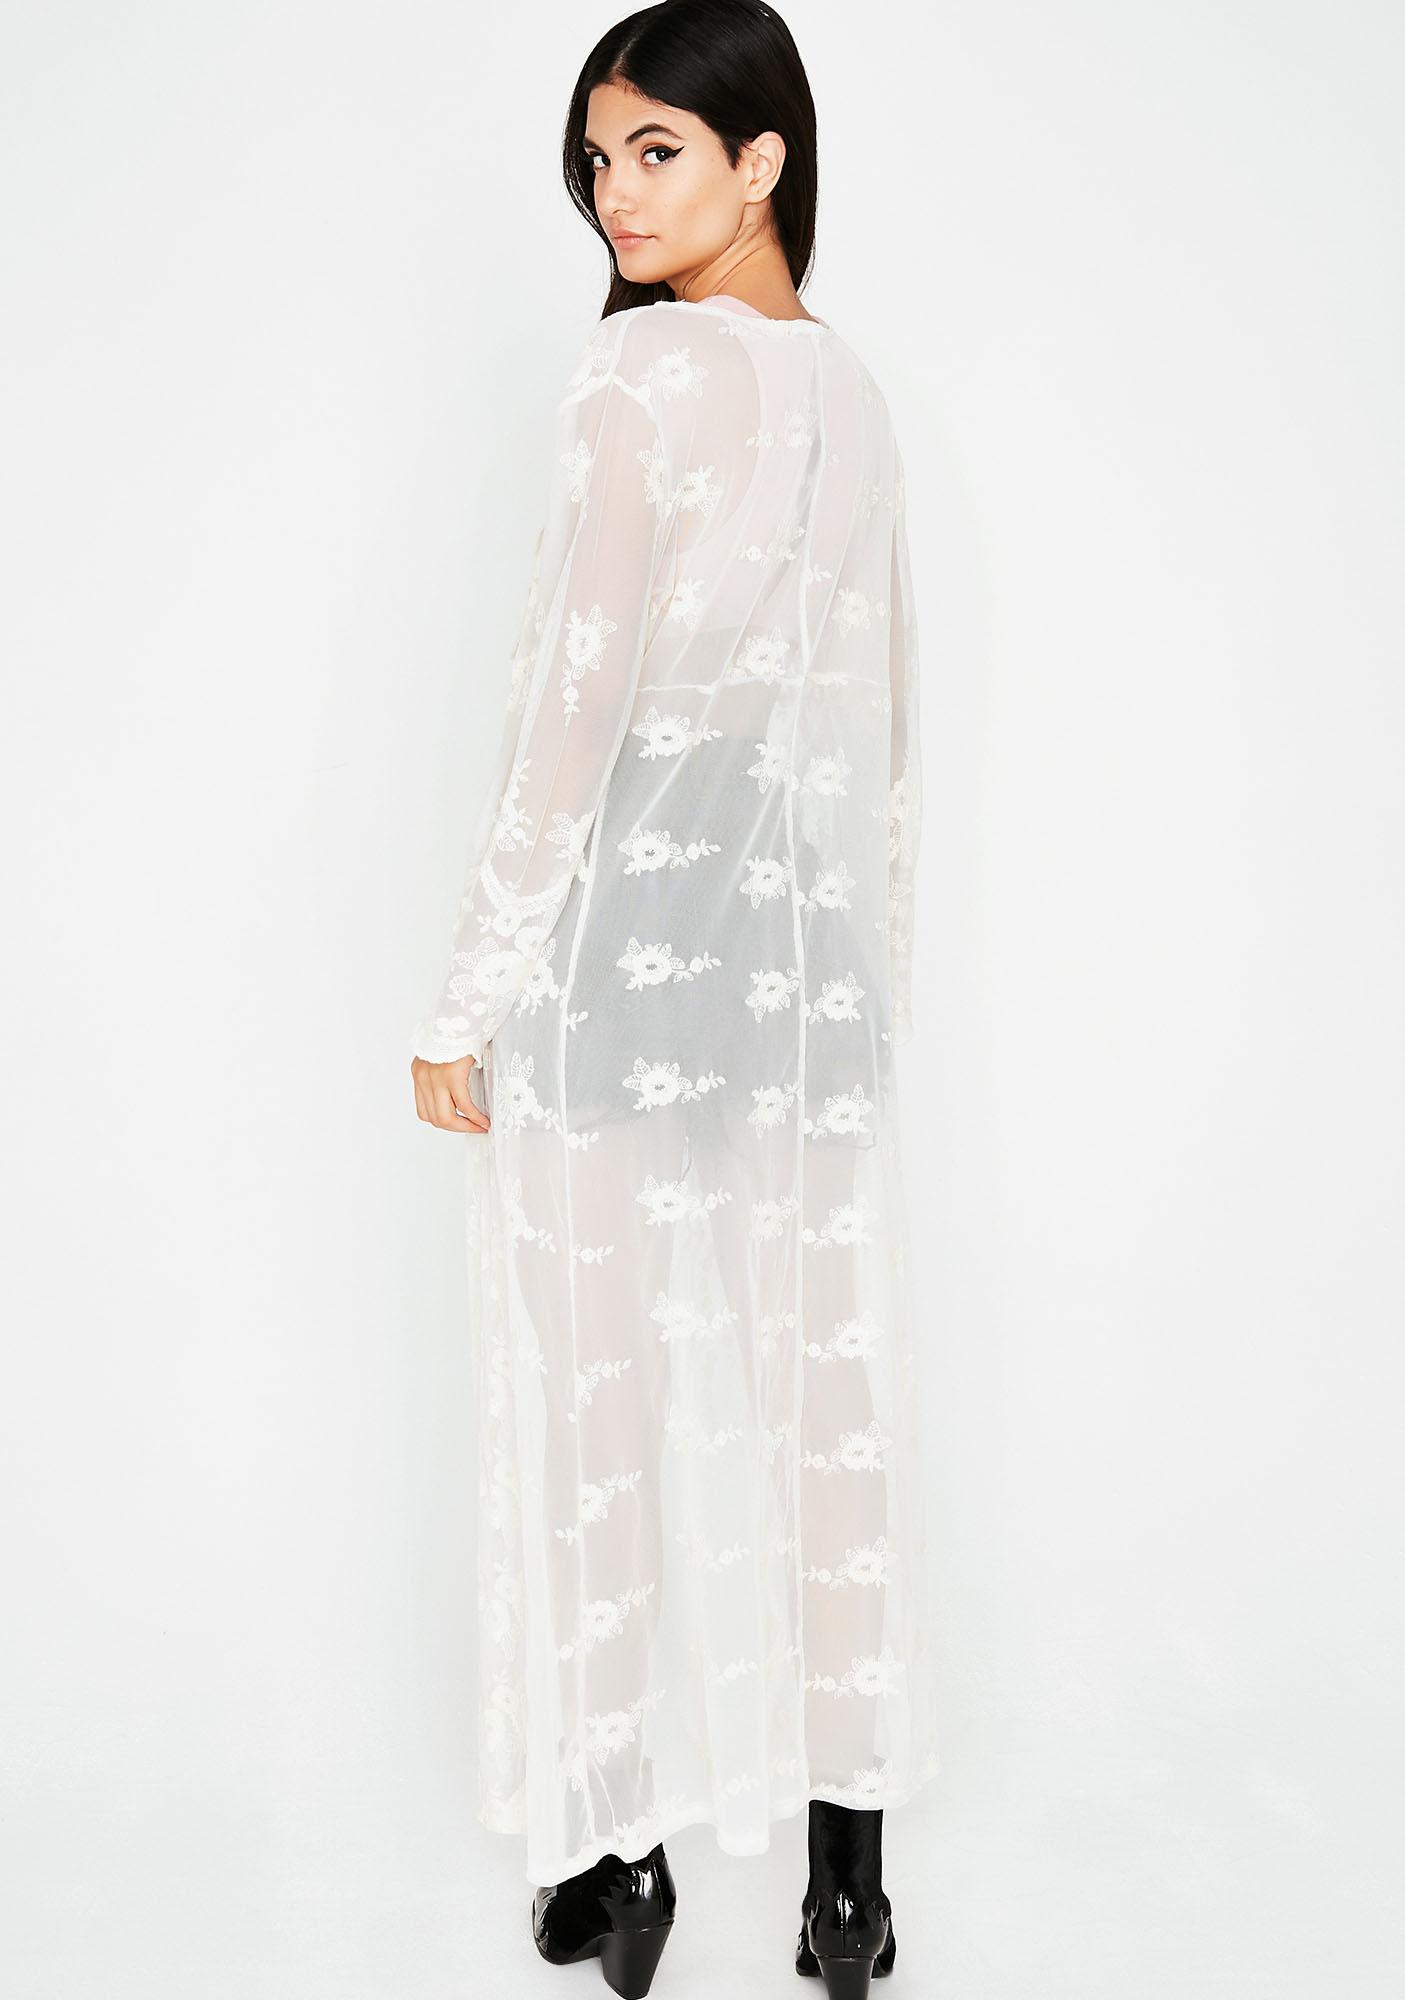 Chill Set The Mood Lace Kimono